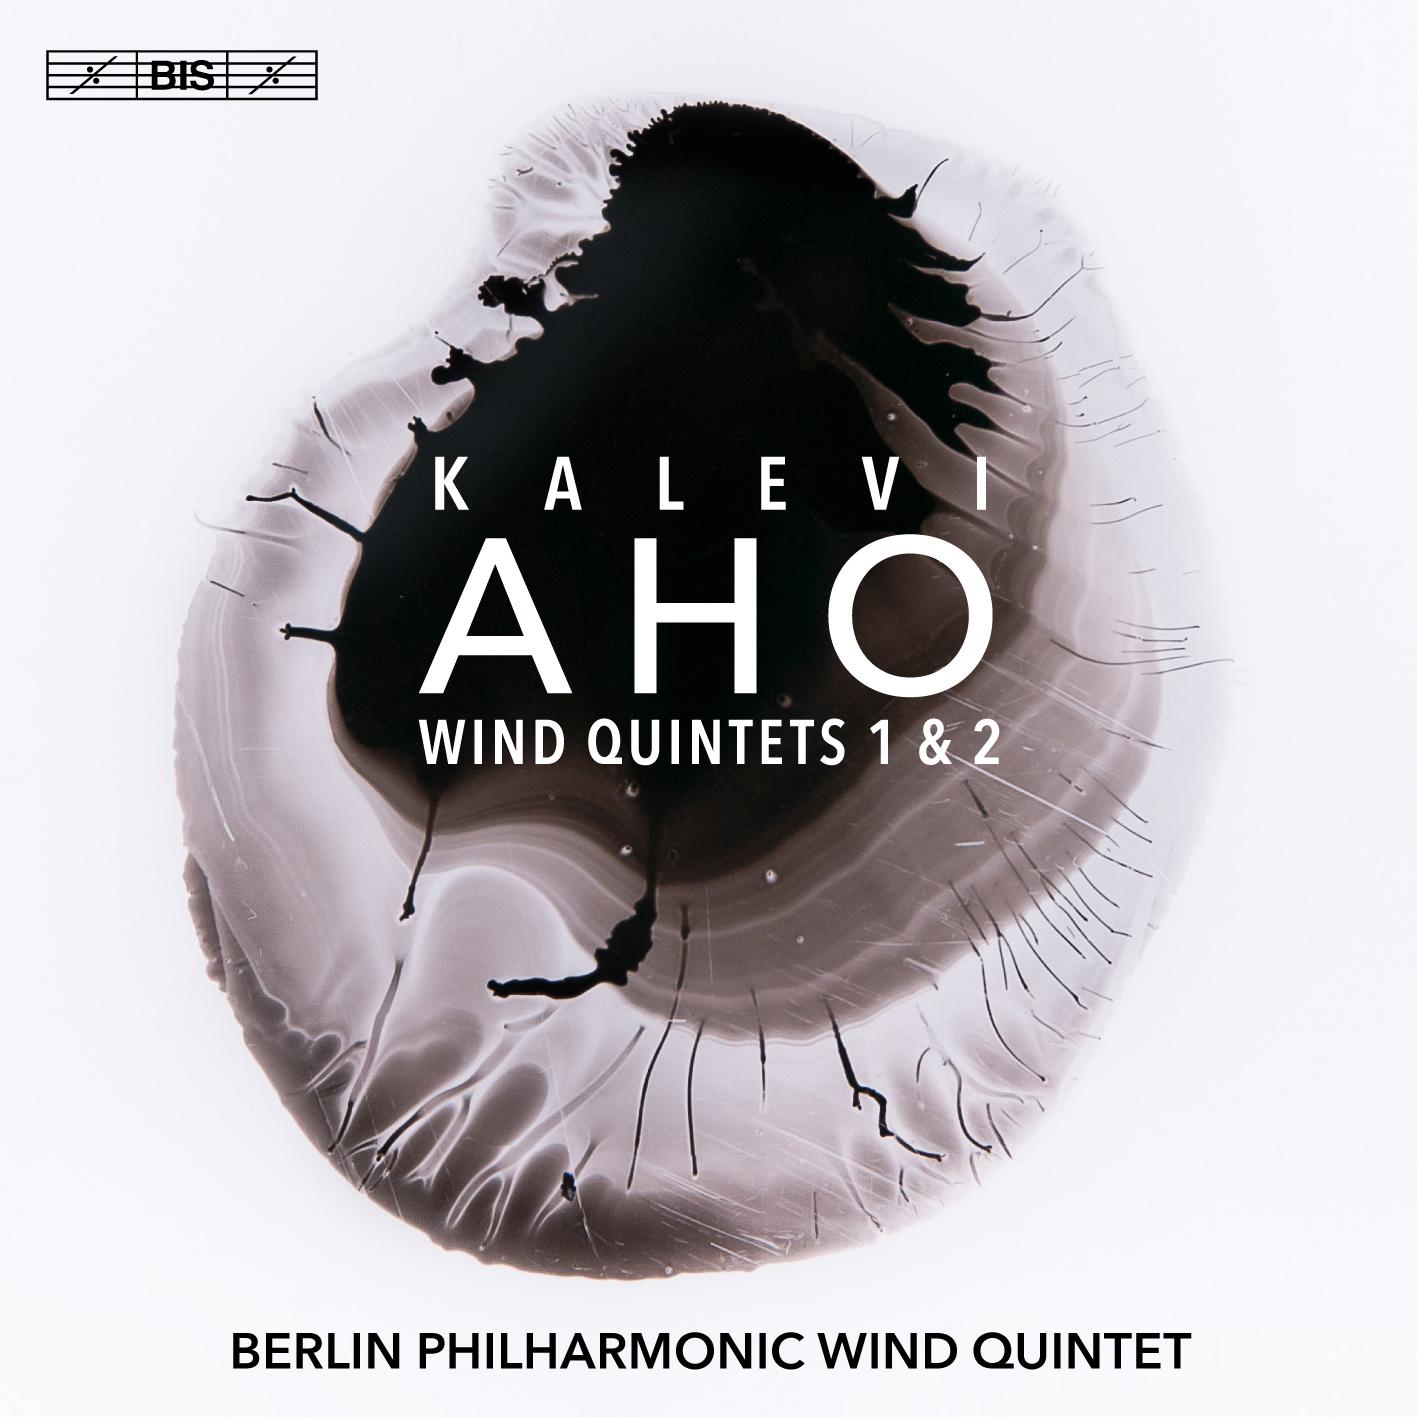 Berlin Philharmonic Wind Quintet Kalevi Aho Wind Quintets 1 &